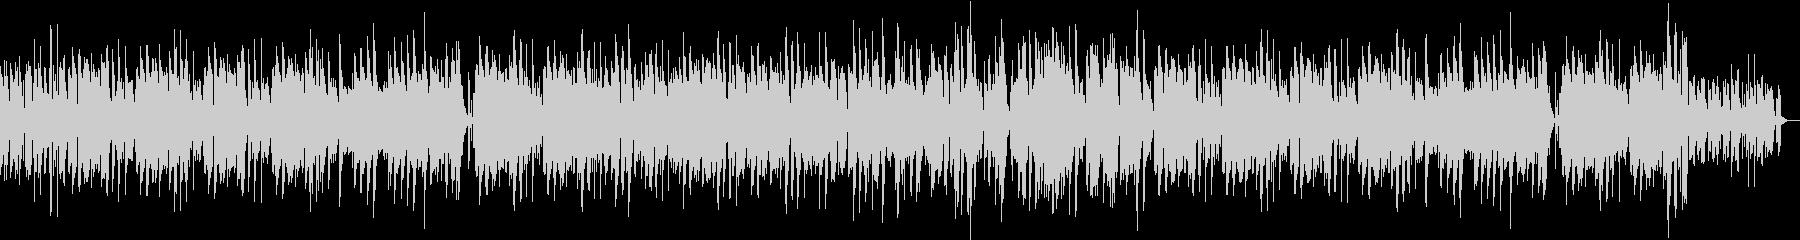 ゆっくりしたフルートのボサノバの未再生の波形